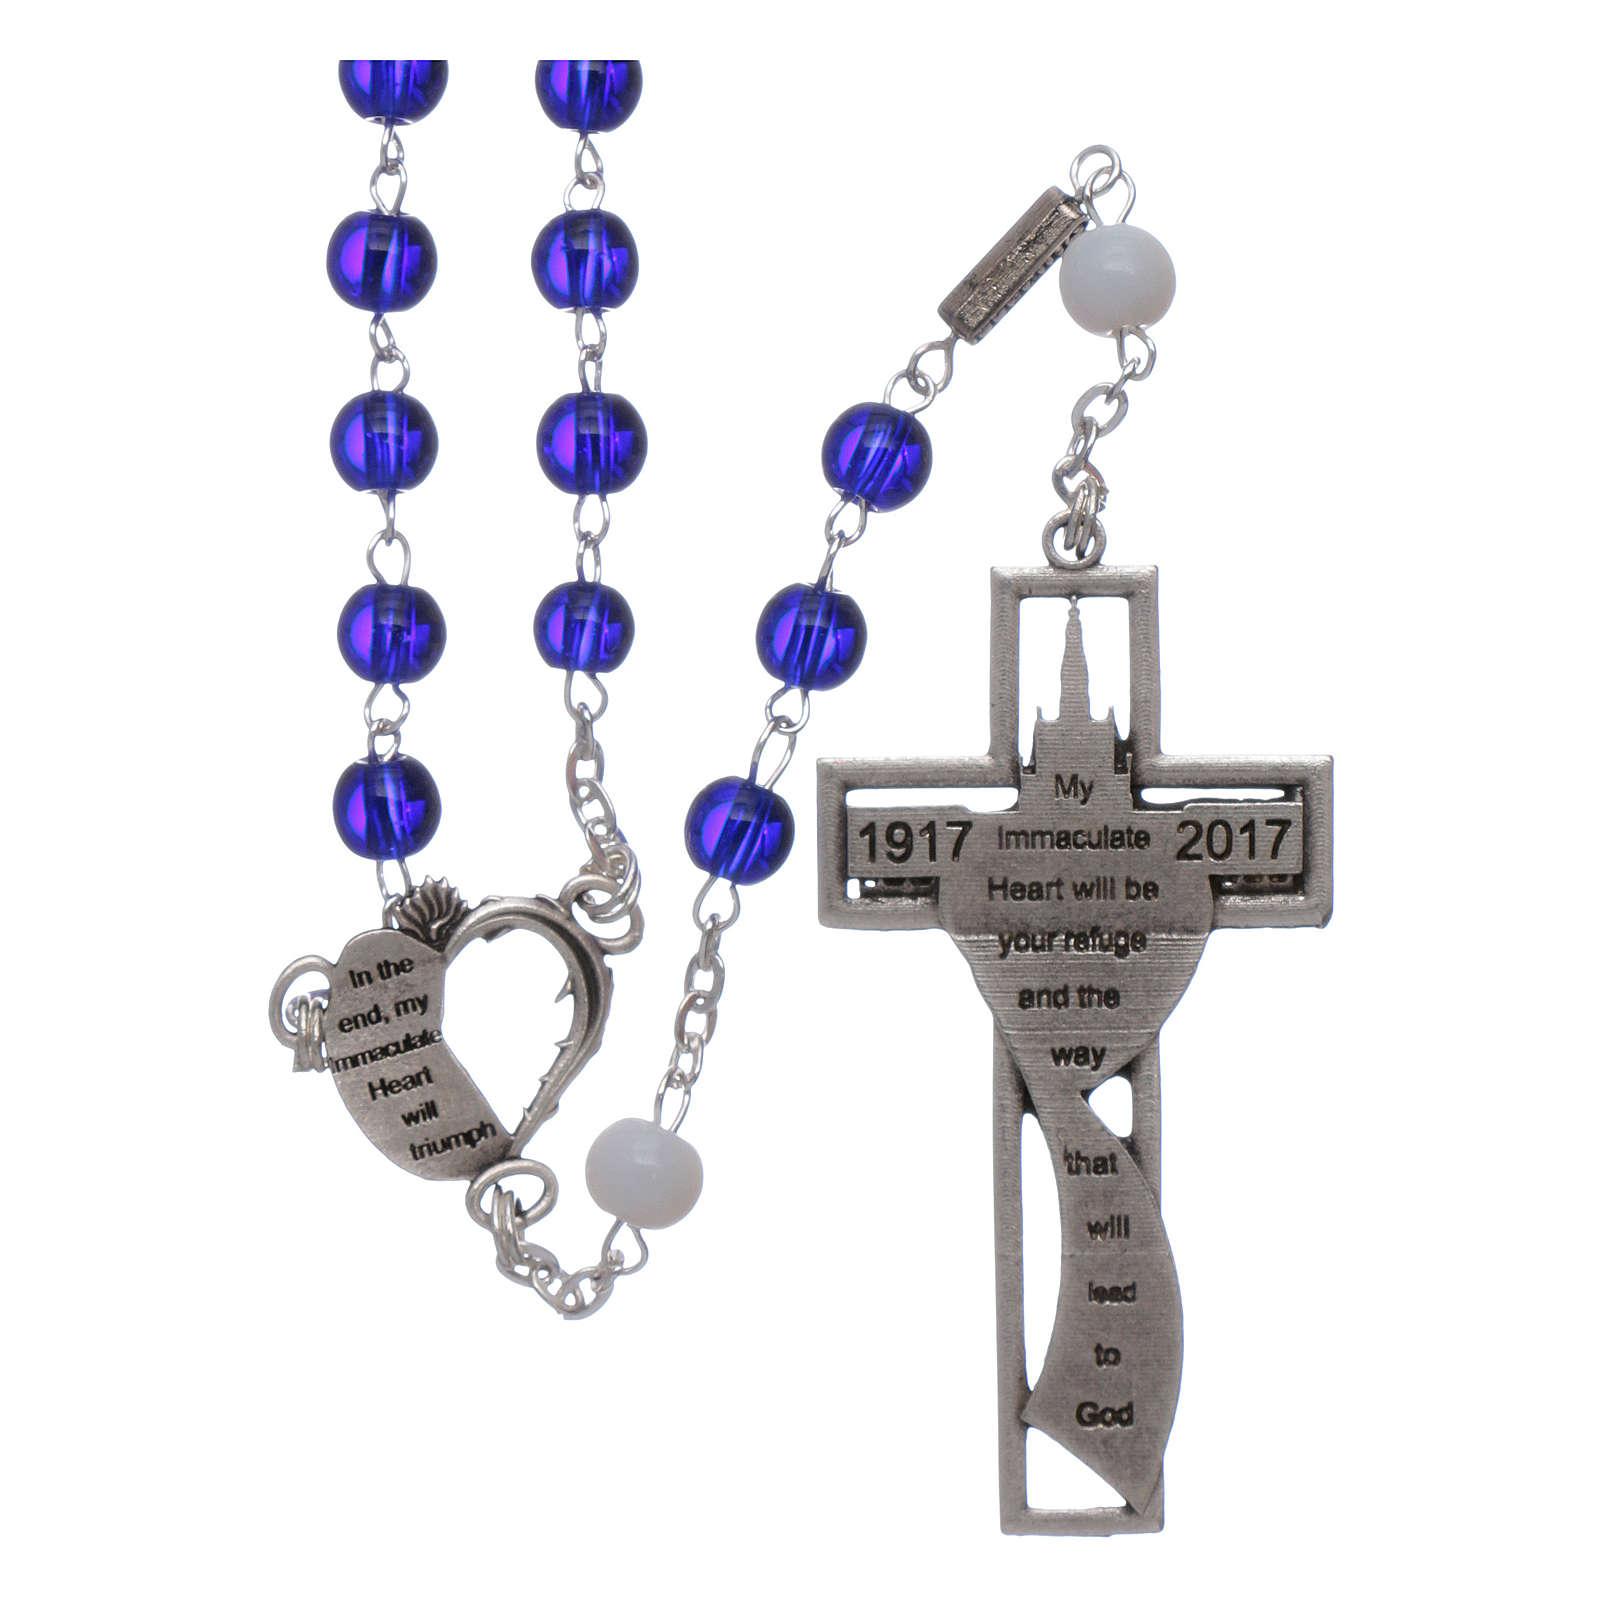 Rosenkranz zum 100-jährigen Jubiläum der Marienerscheinungen in Fatima Glasperlen 6 mm blau 4